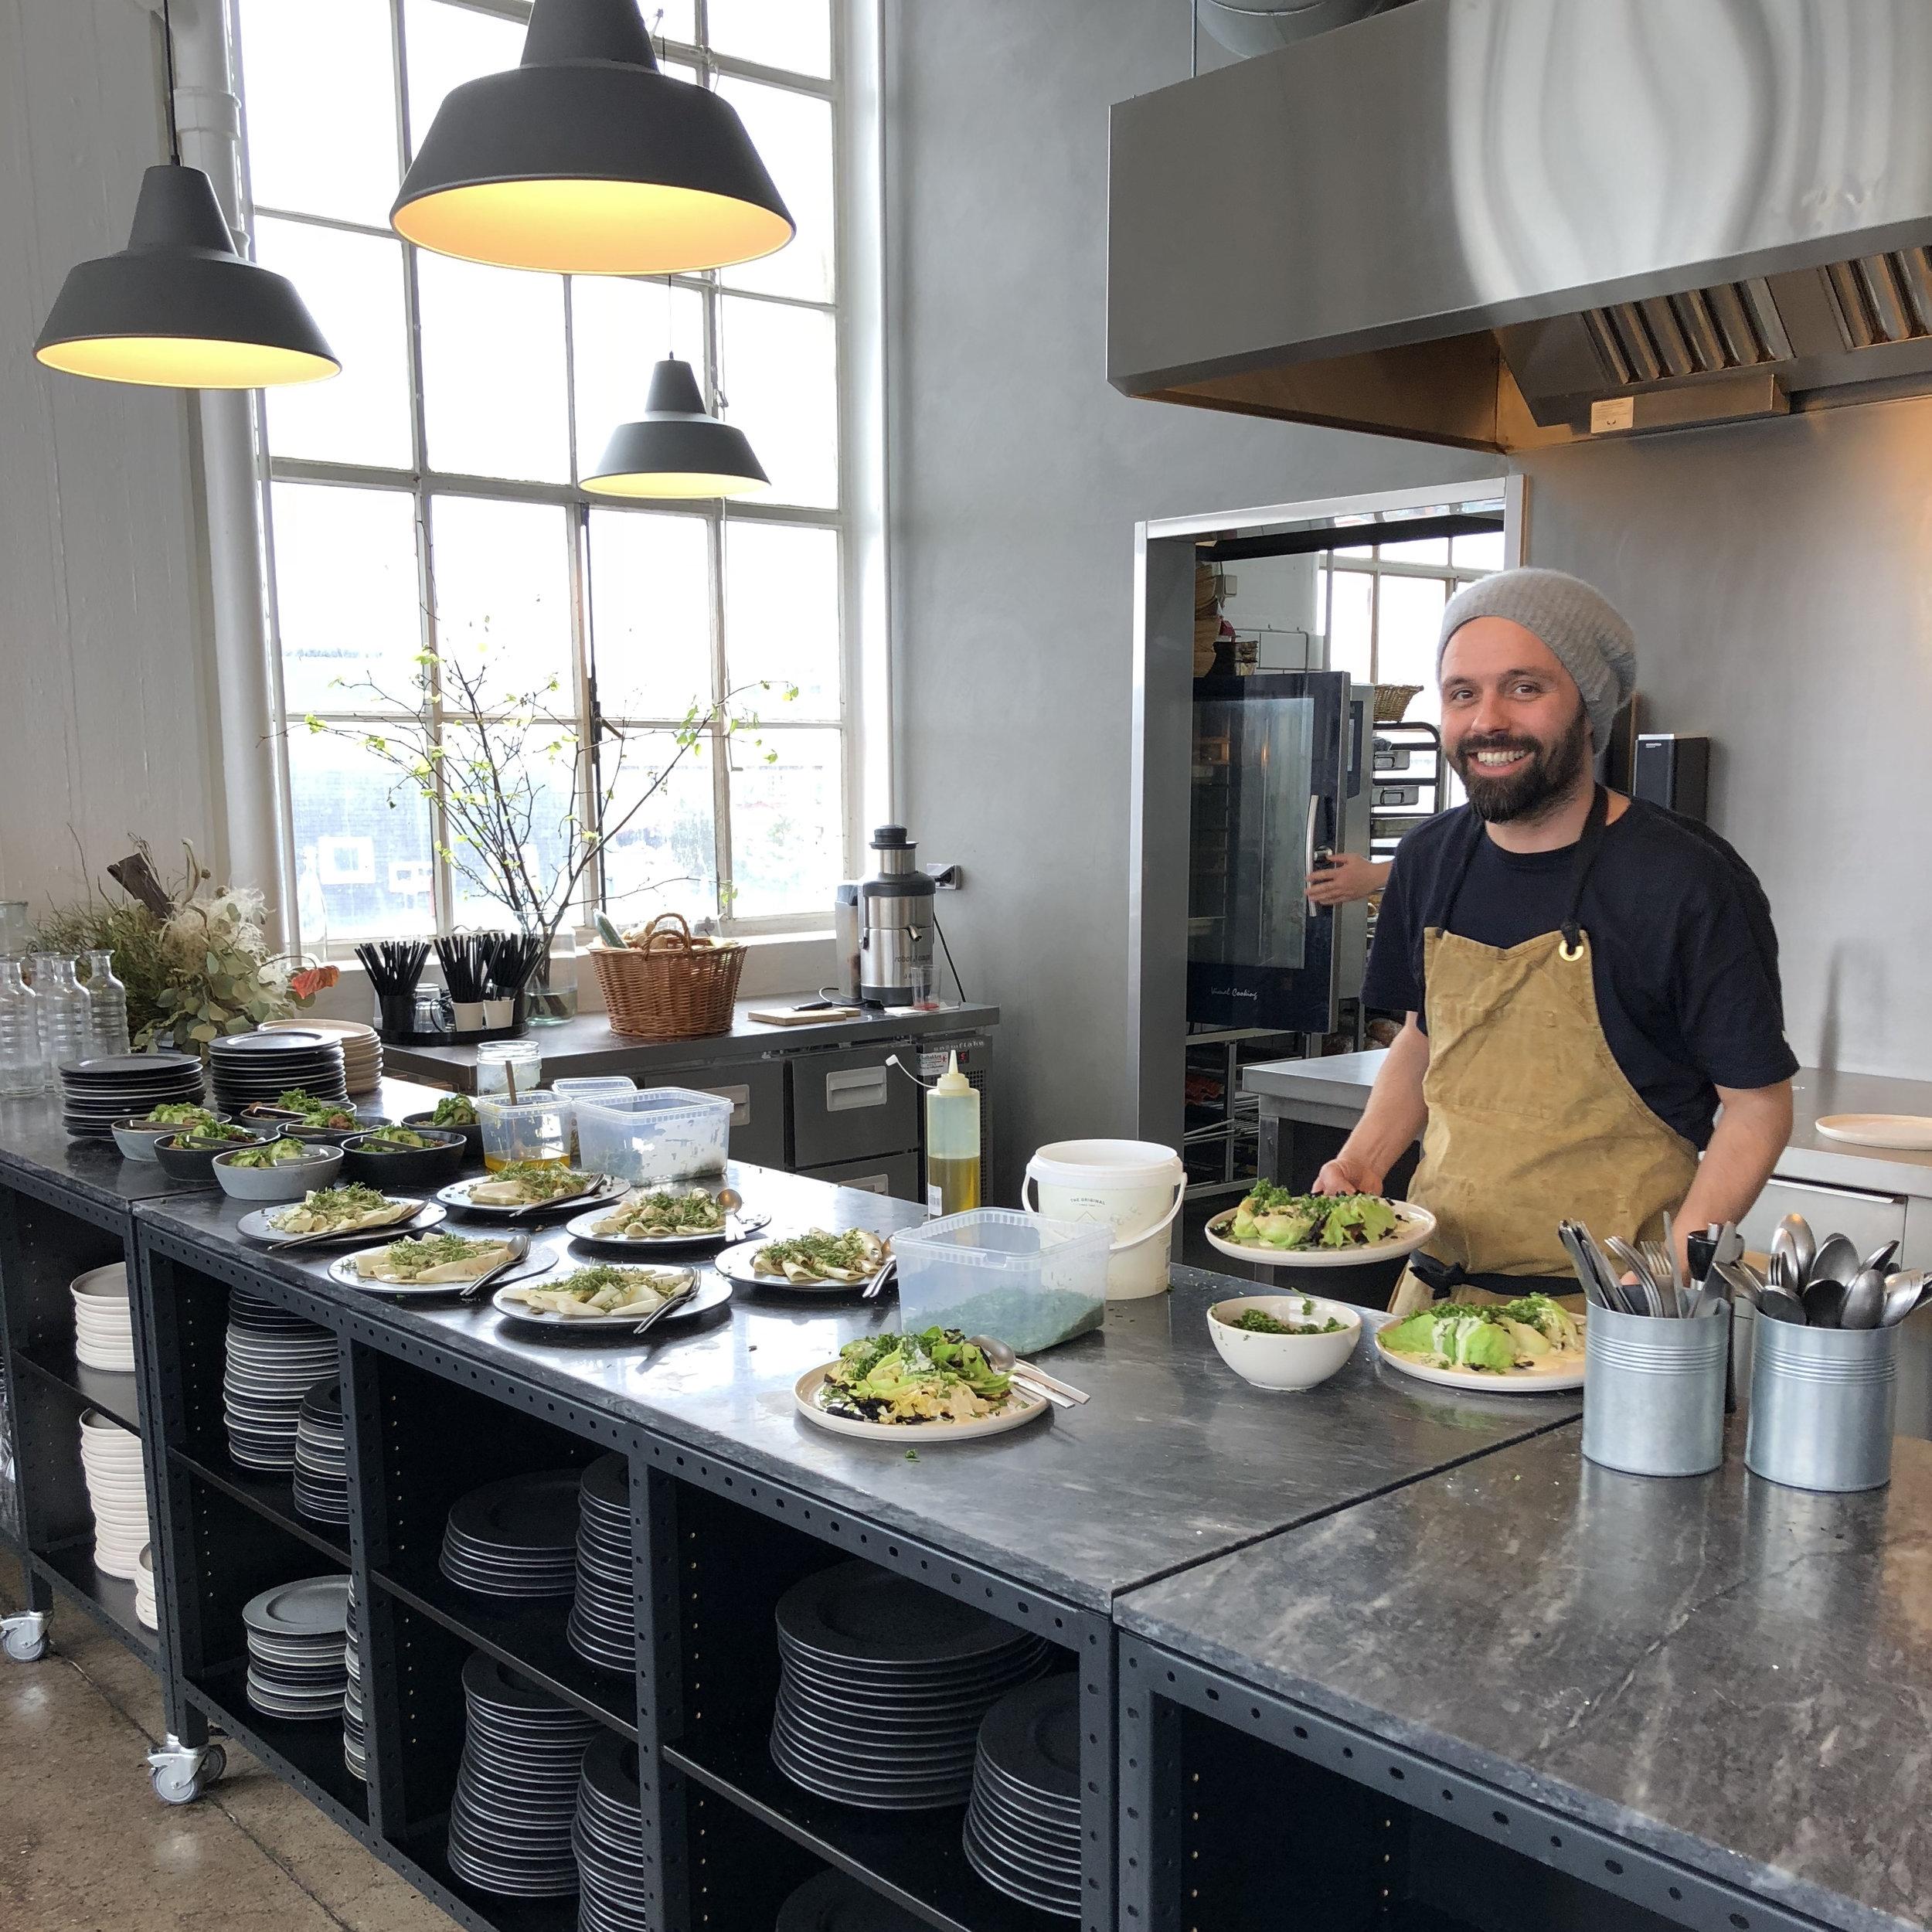 Prøv vores yderst populære og velsmagende kokkeskole, og få gode råd og tips af professionelle kokke. Vi sørger for en sjov og velsmagende teambuilding oplevelse med mad, hvor I sammen skal tilberede, anrette og spise en lækker 3 retters menu. Dyst mod hinanden eller samarbejder som gruppe, i jeres egen kogeskole. -